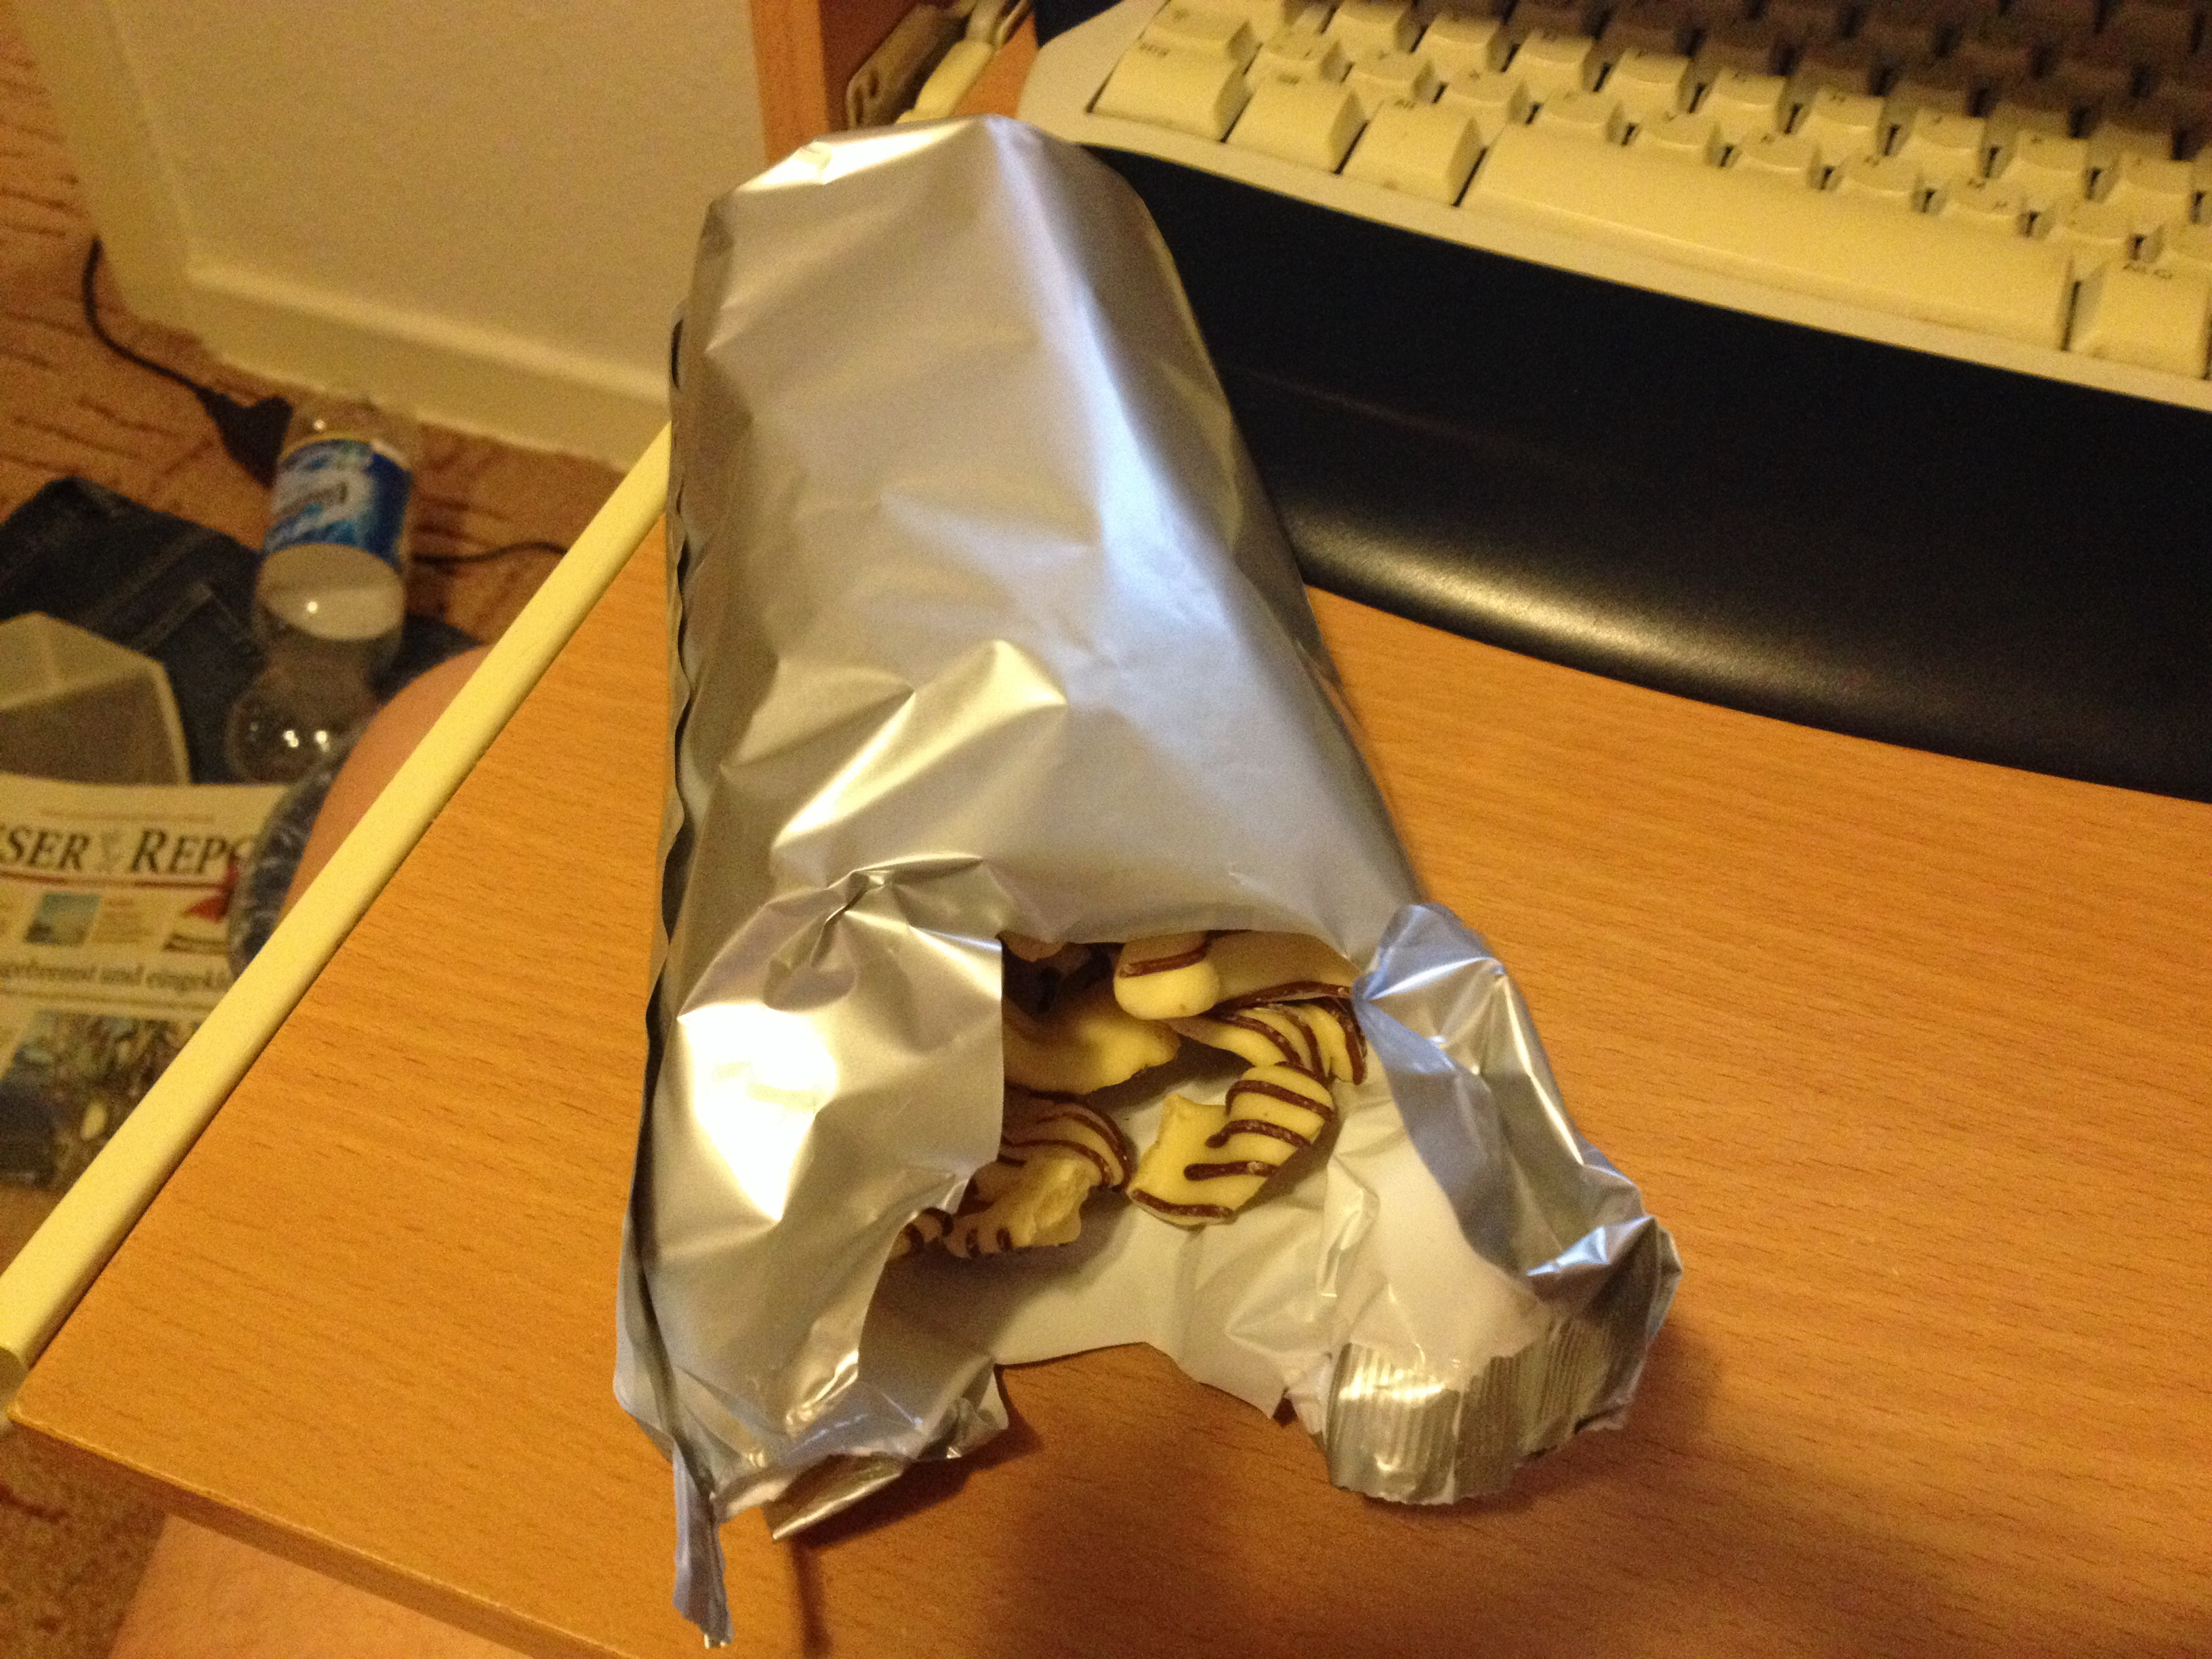 https://foodloader.net/BrollyLSSJ_2014-01-29_Nestle_-_Choclait_Chips_White.jpg